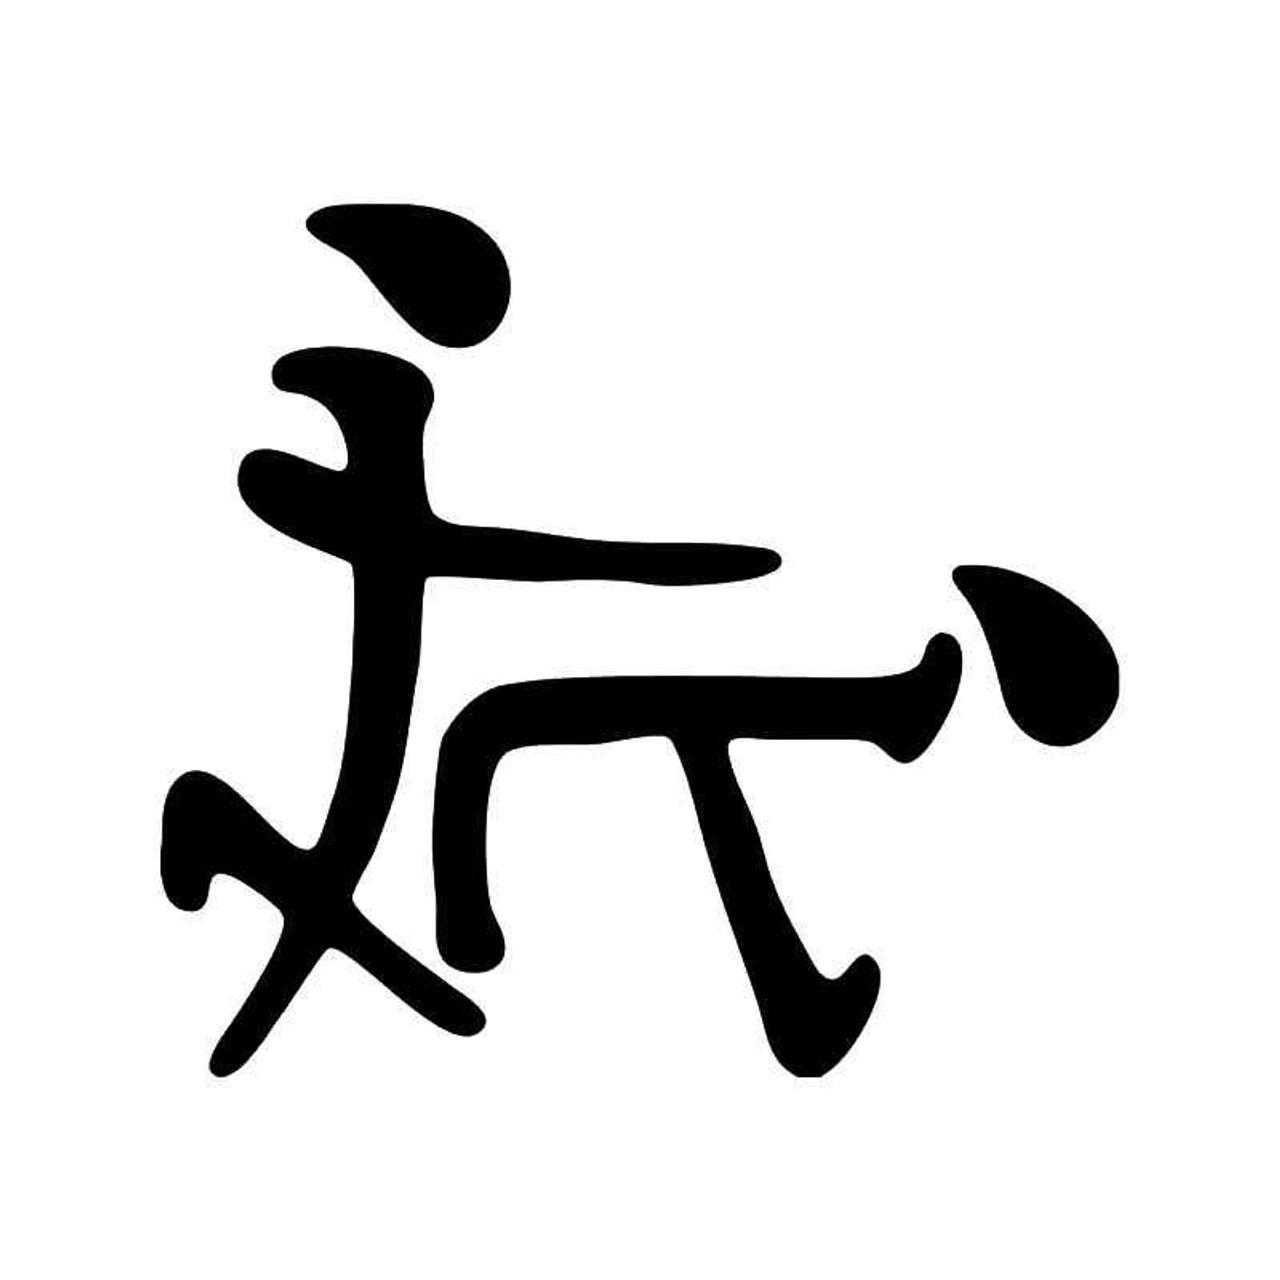 Kanji sex